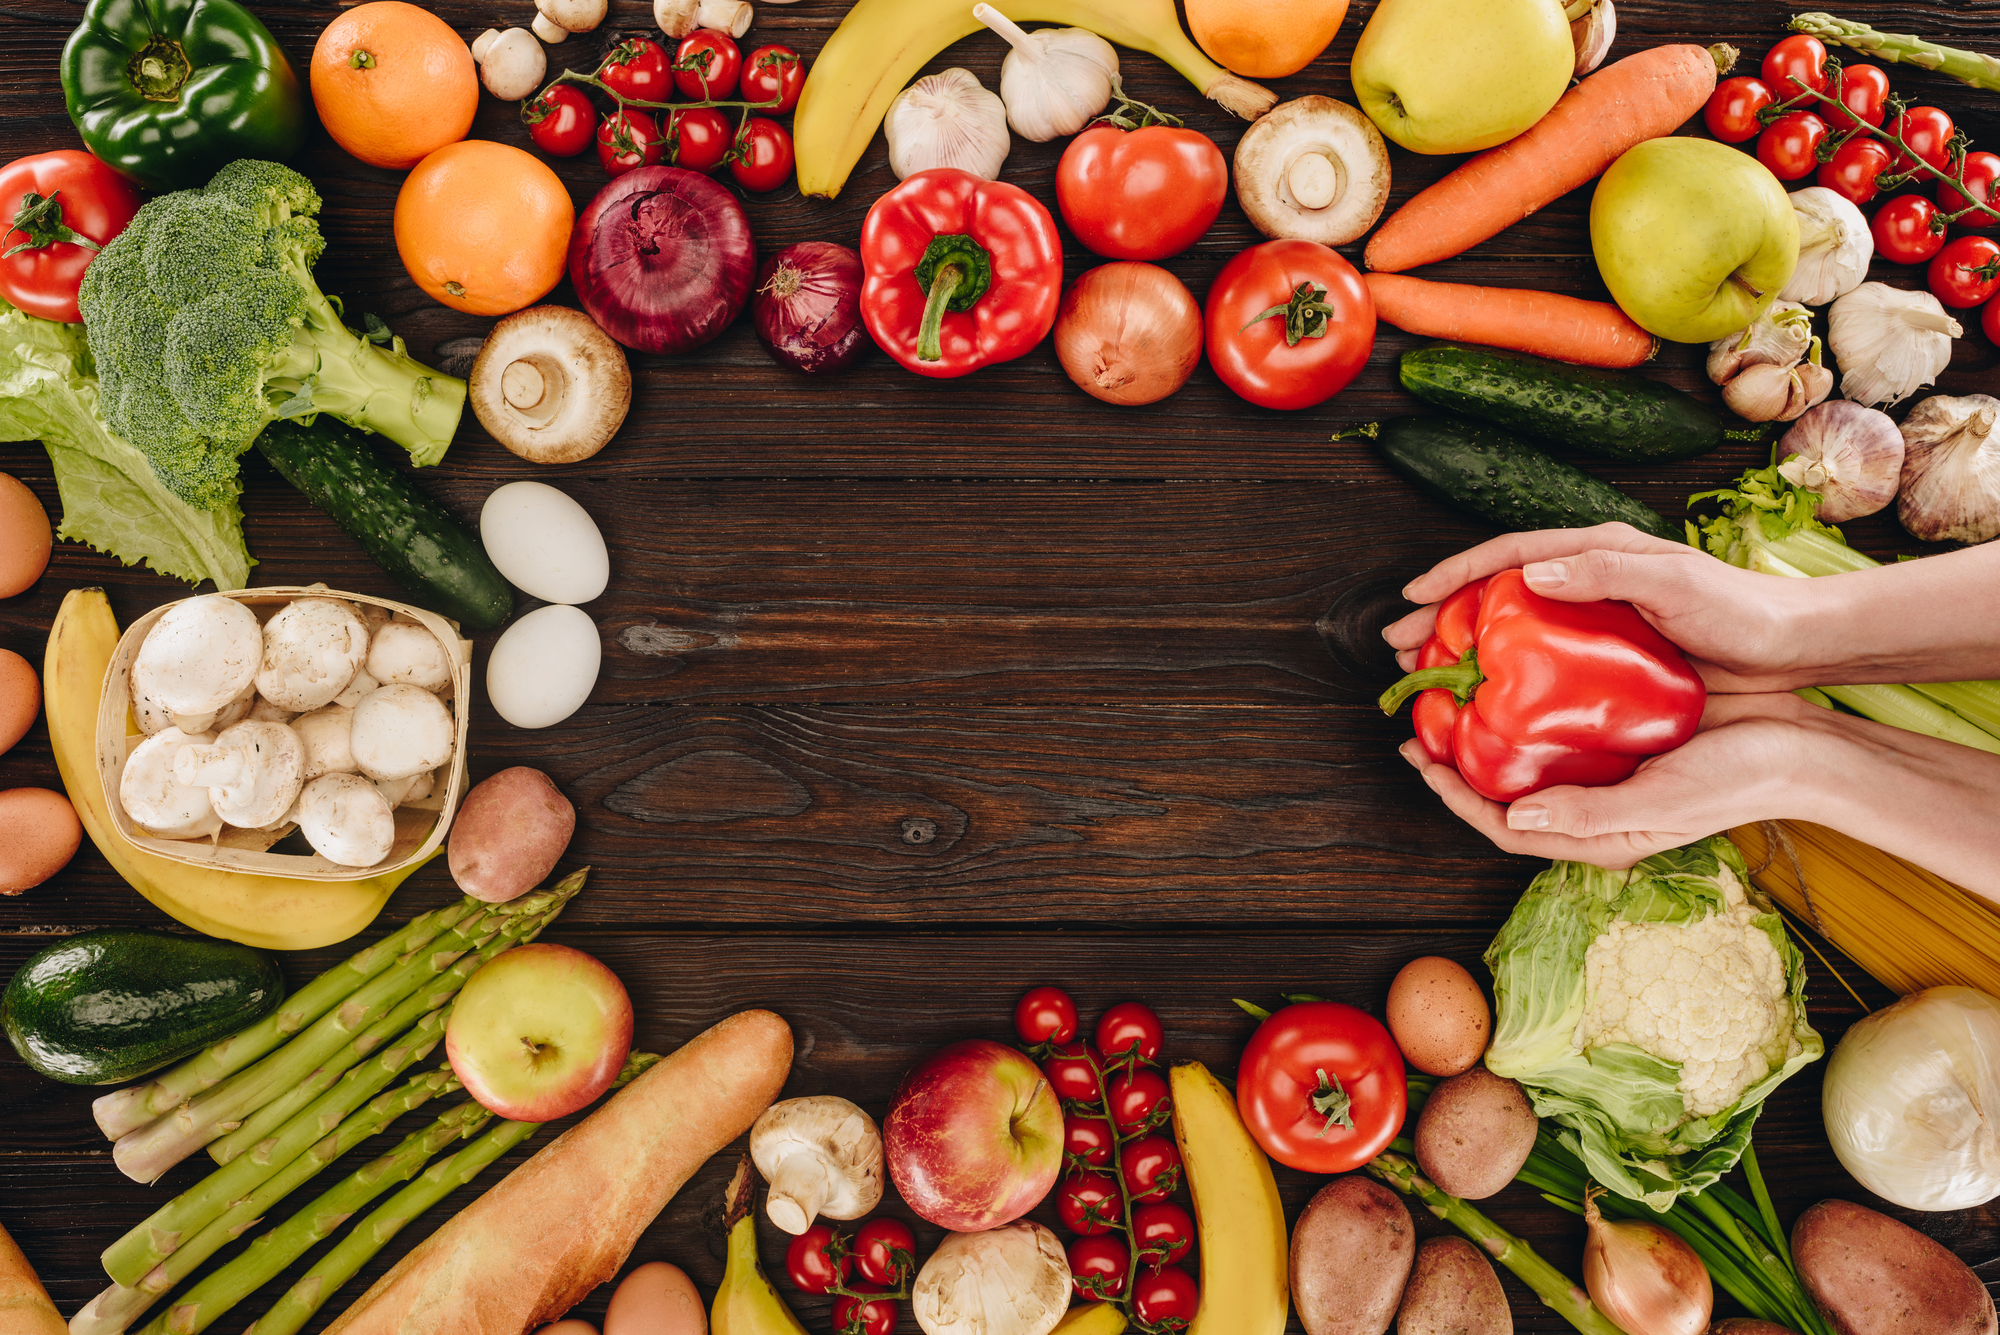 Как заготовить овощи и фрукты на зиму с пользой для здоровья: МОЗ